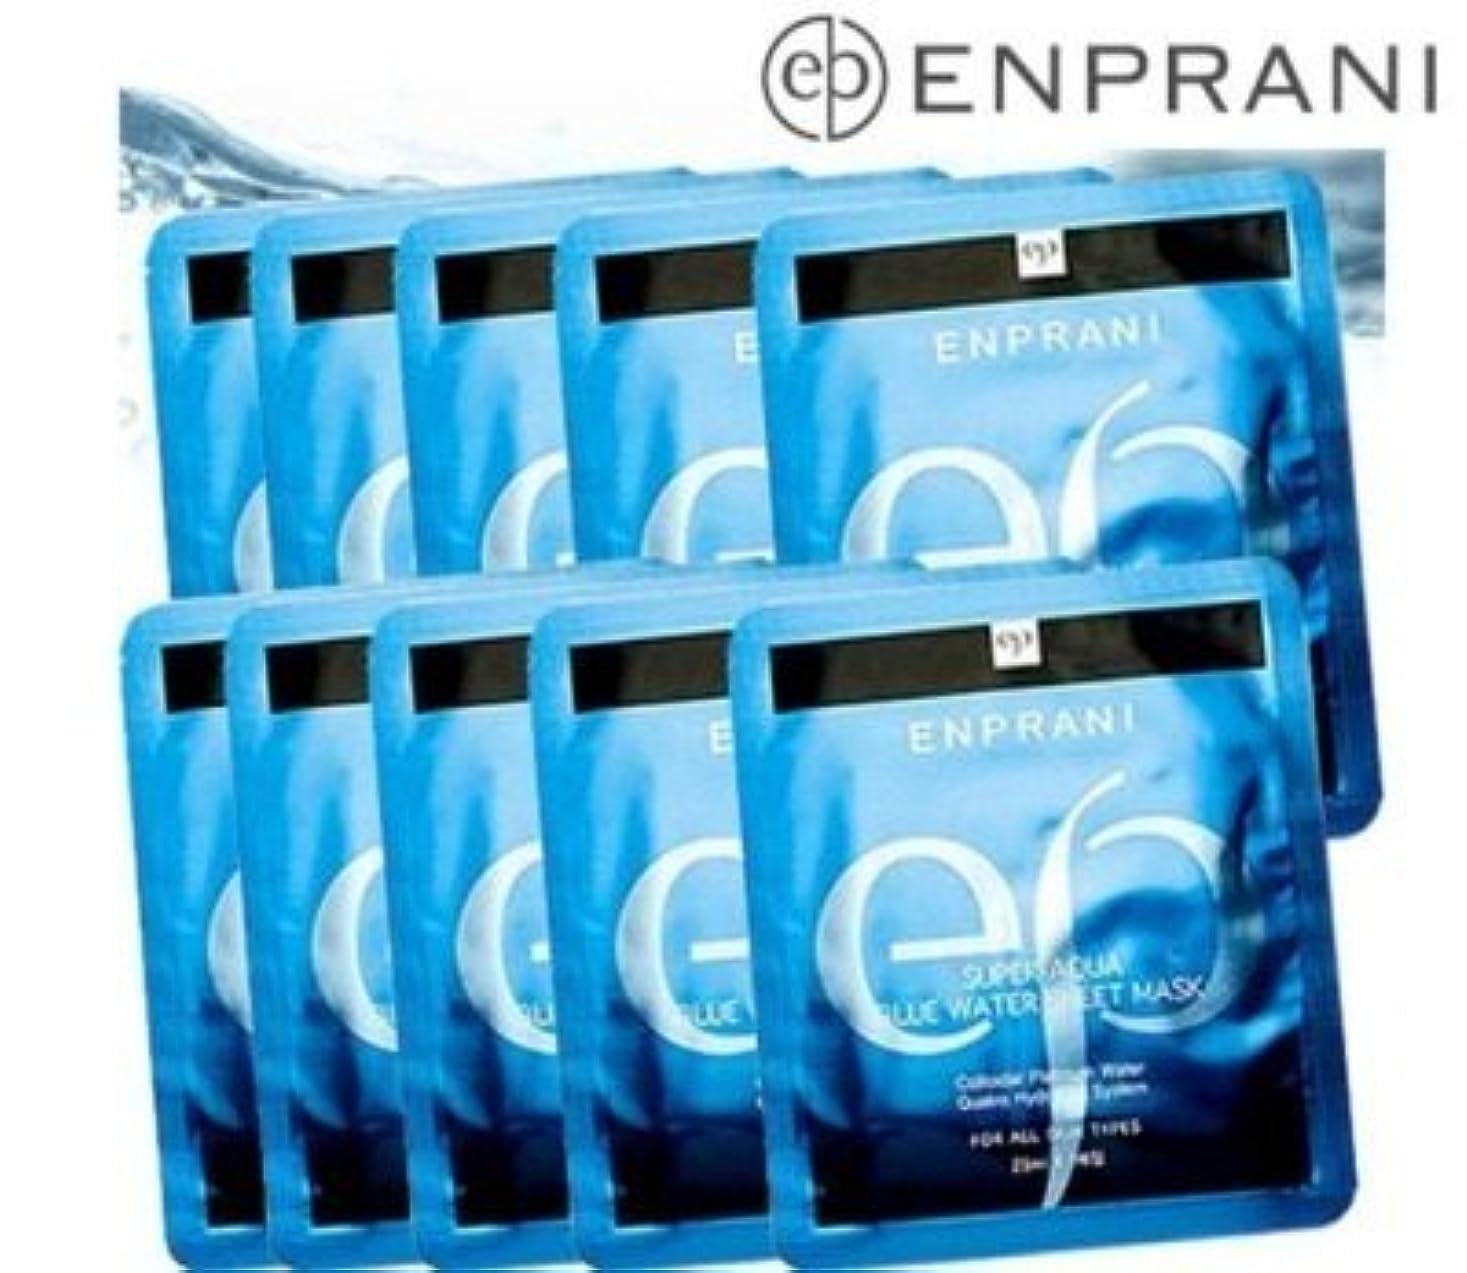 実験室付録感謝する[エンプラニ ] ENPRANI [スーパーアクア シートマスク パック 10枚](Super Aqua Seat Mask 10Sheet) [並行輸入品]